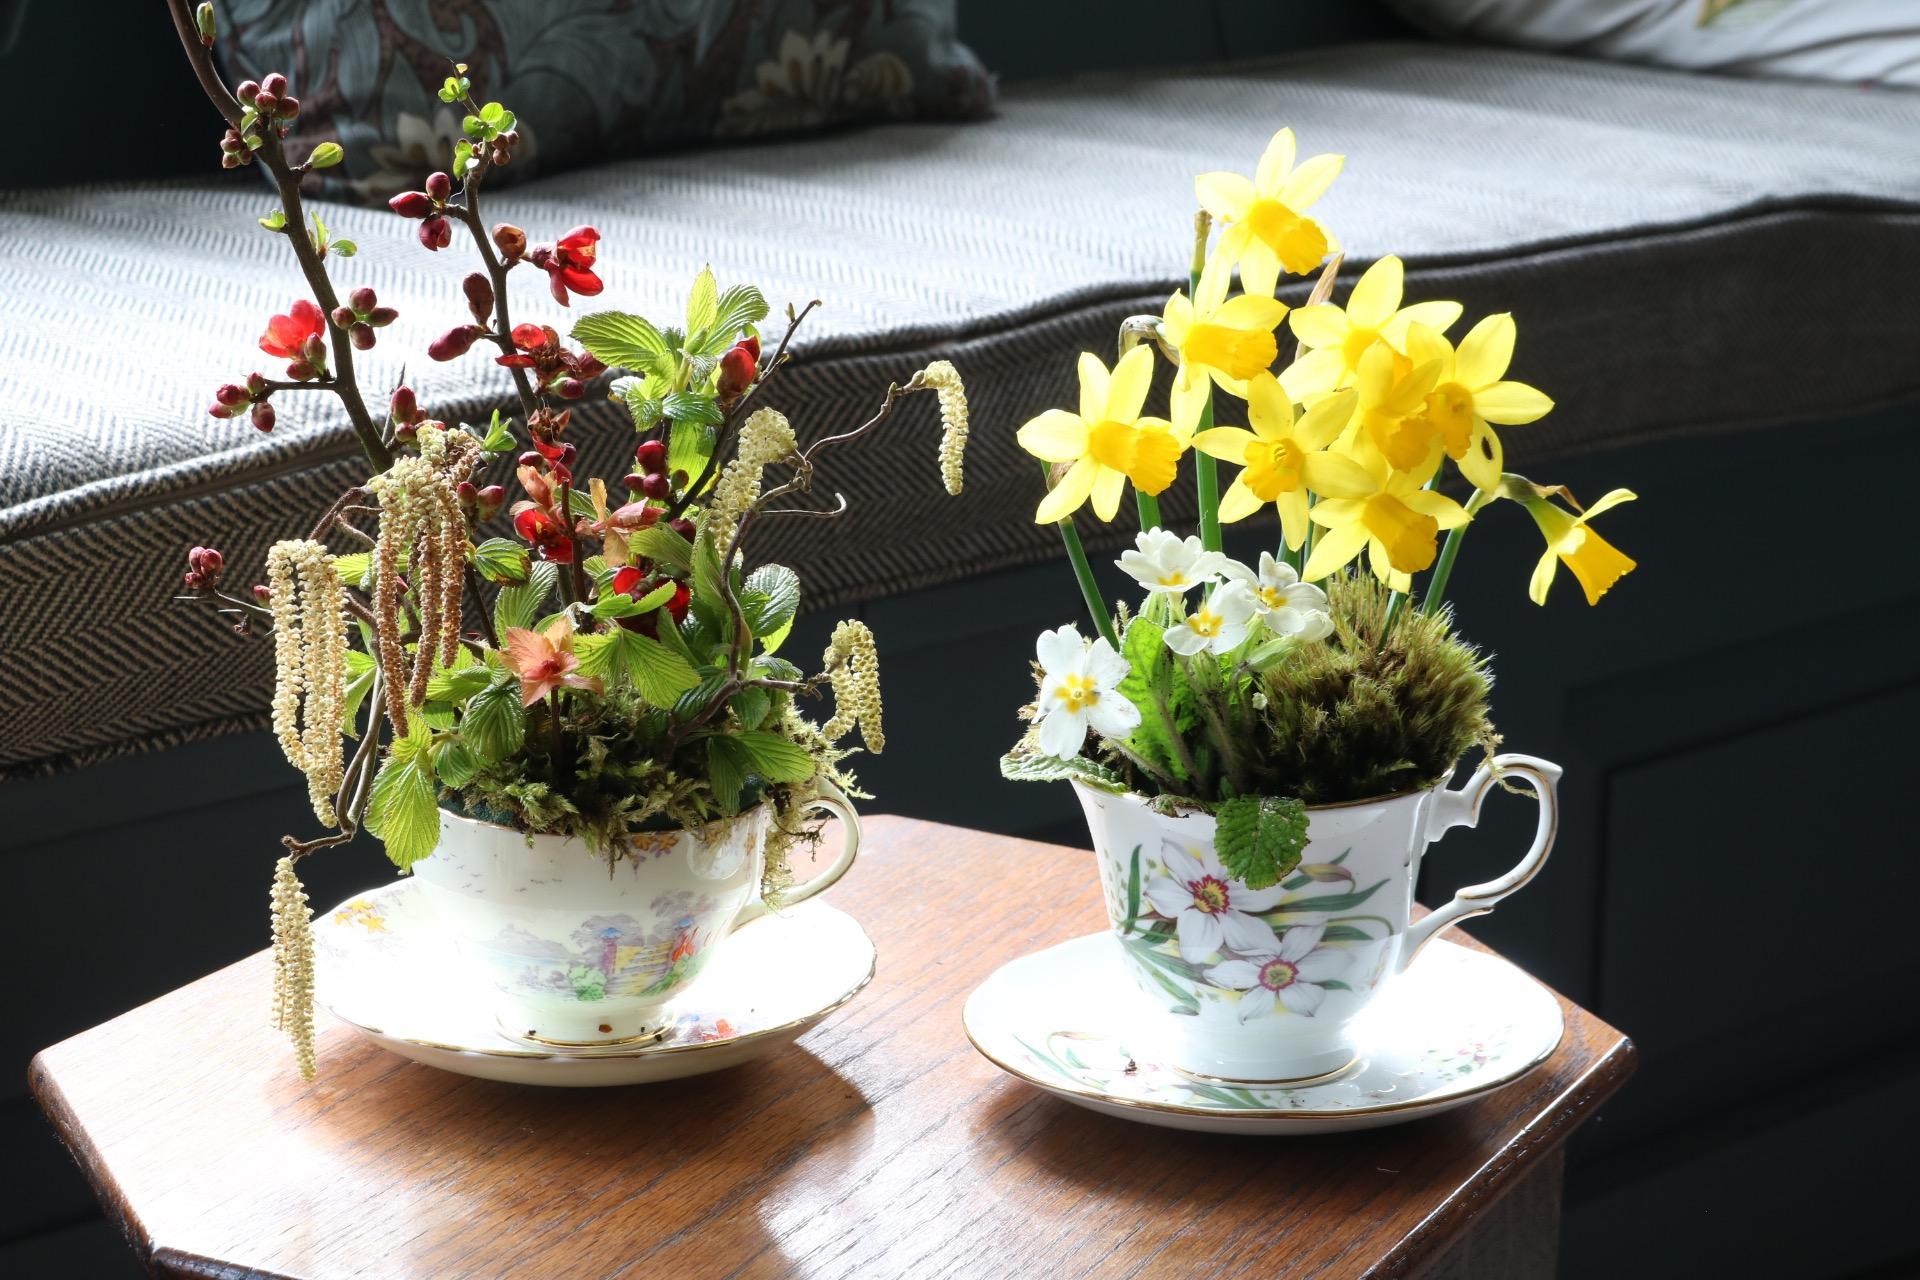 पुराने चाय की केतली में आप पौधे उगाकर घर के आंगन में रख या फिर टांग सकते हैं।